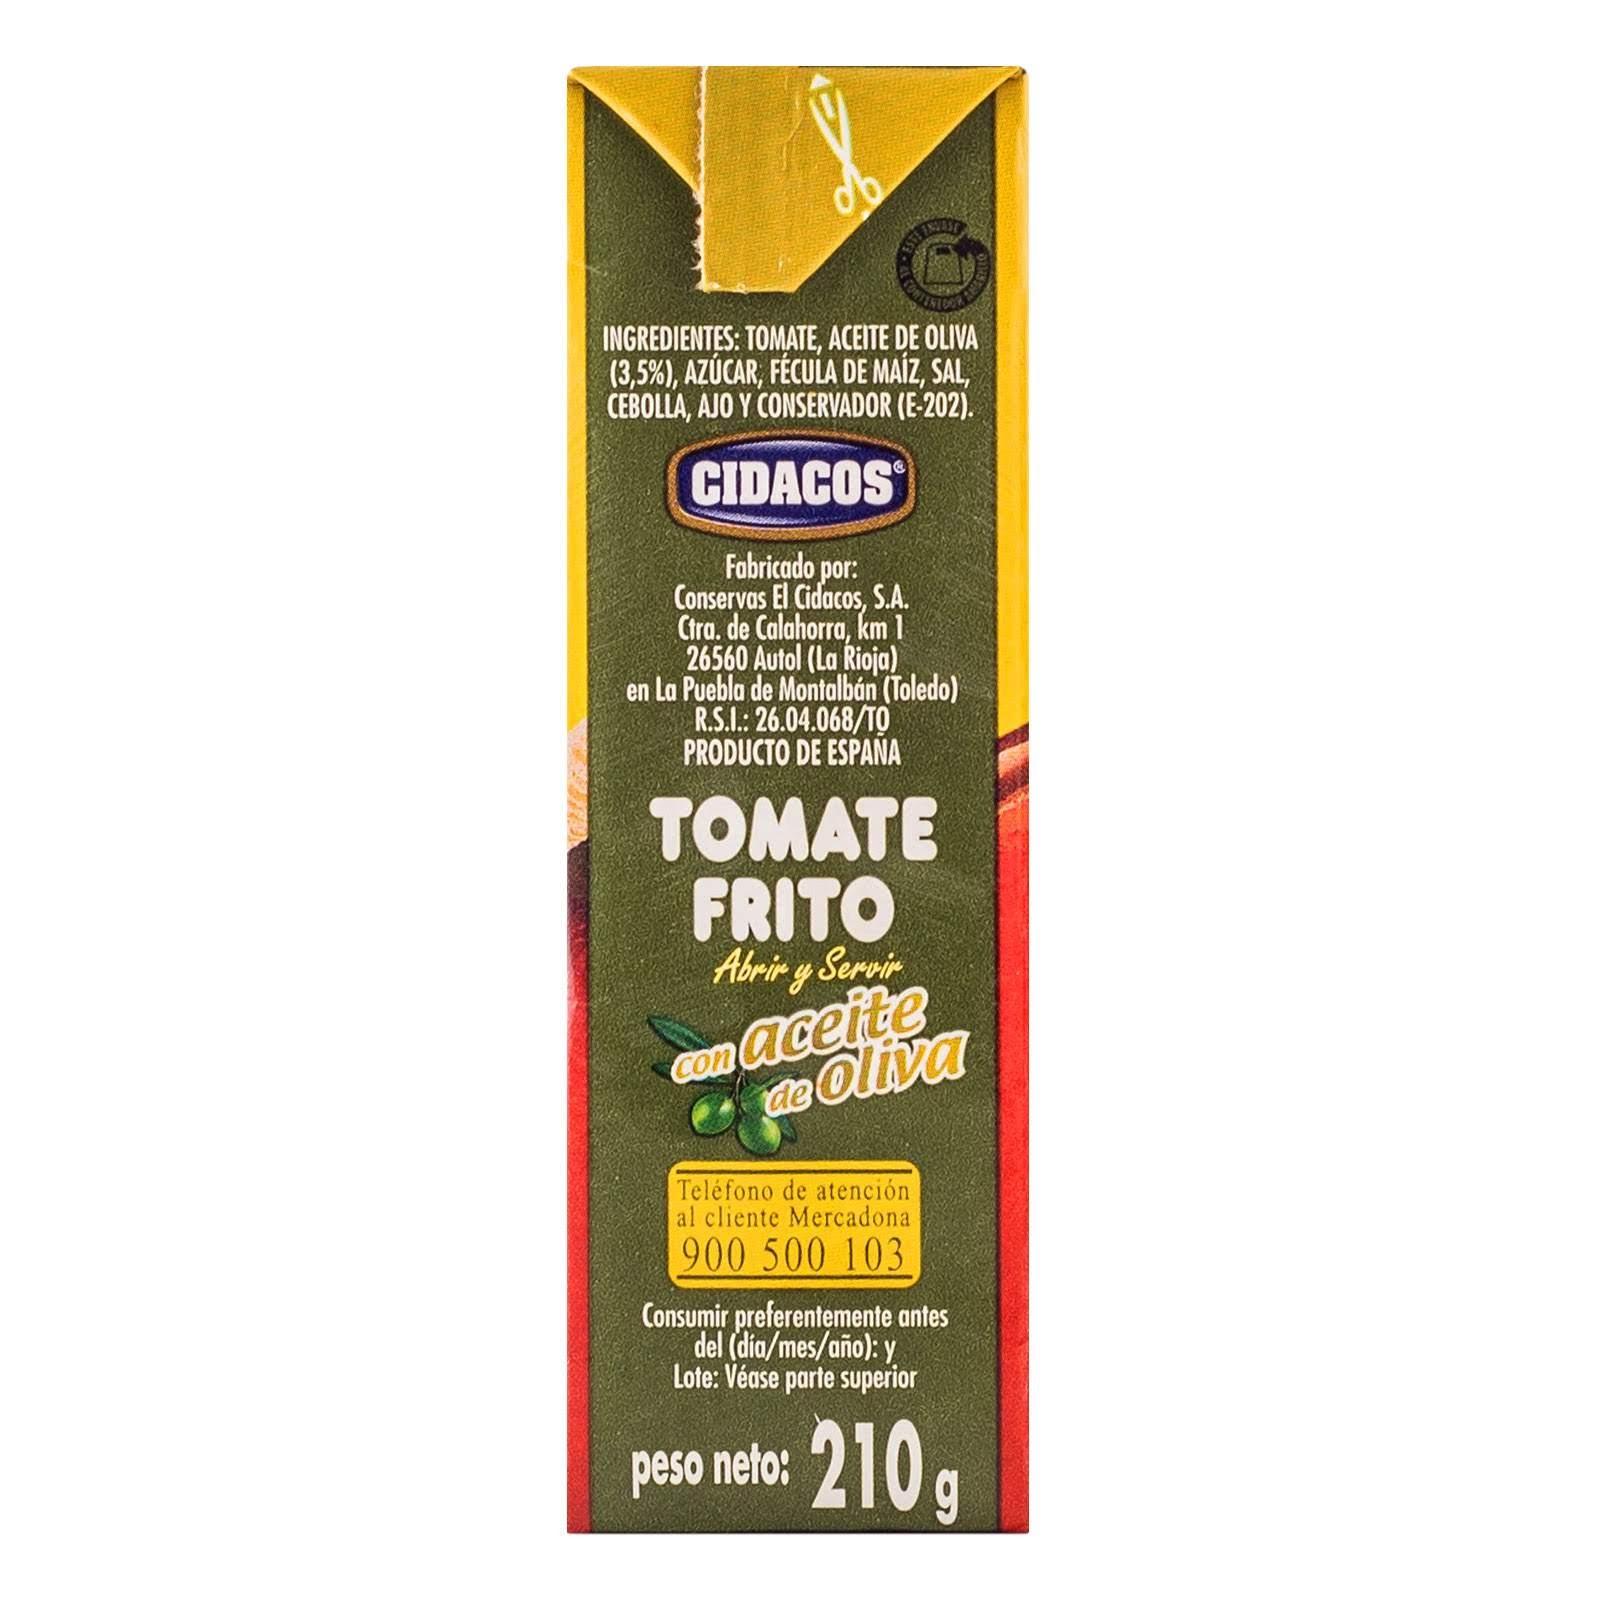 Tomate frito con aceite de oliva Hacendado